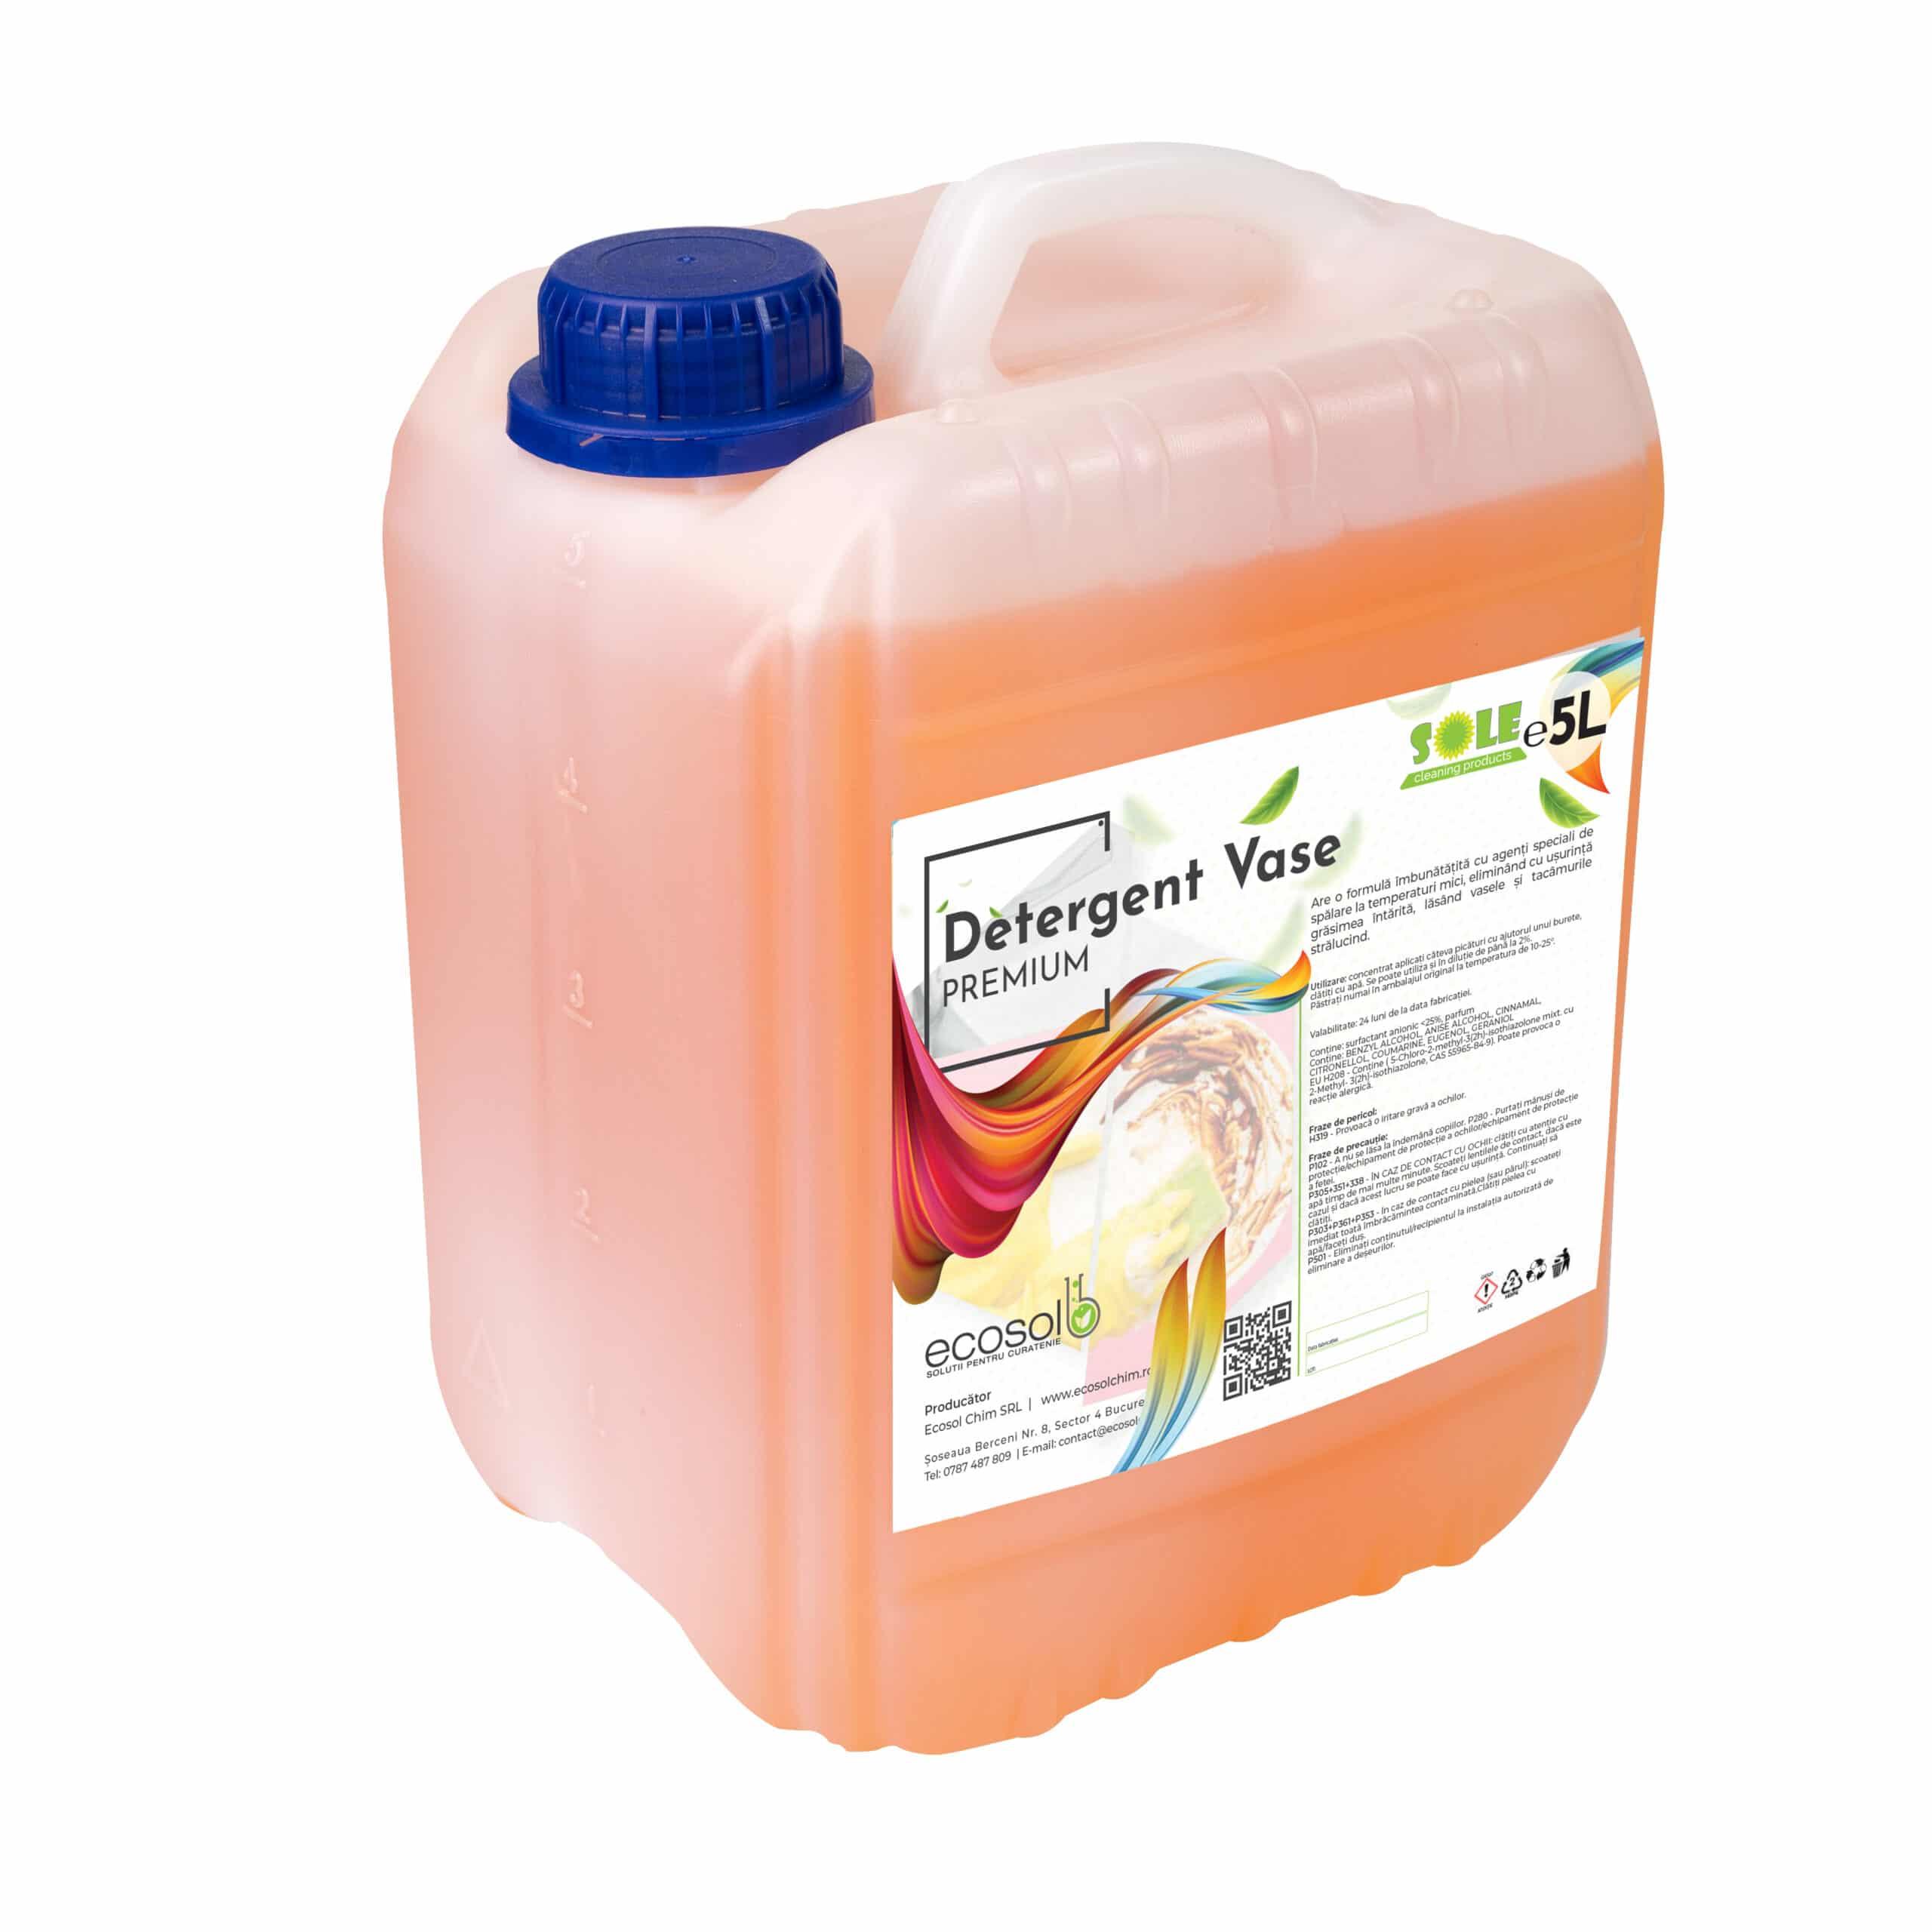 detergent vase premium